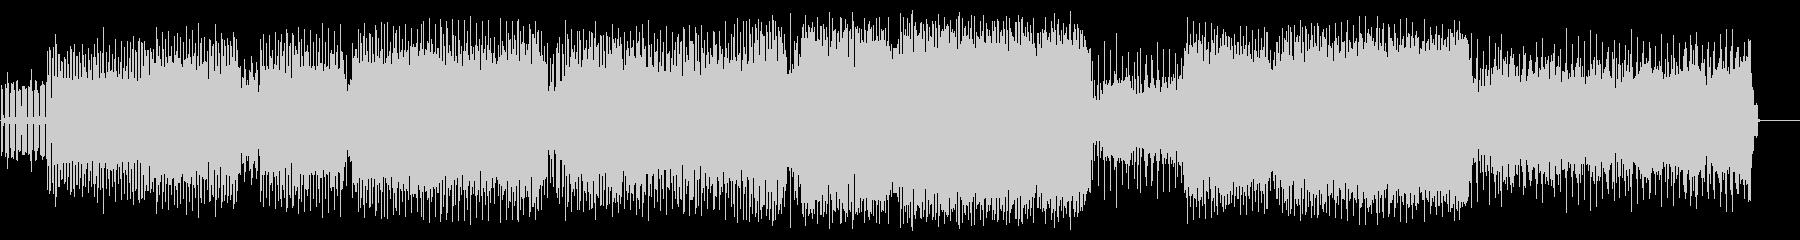 ダンスシーンを疑似体験エレクトロハウスの未再生の波形